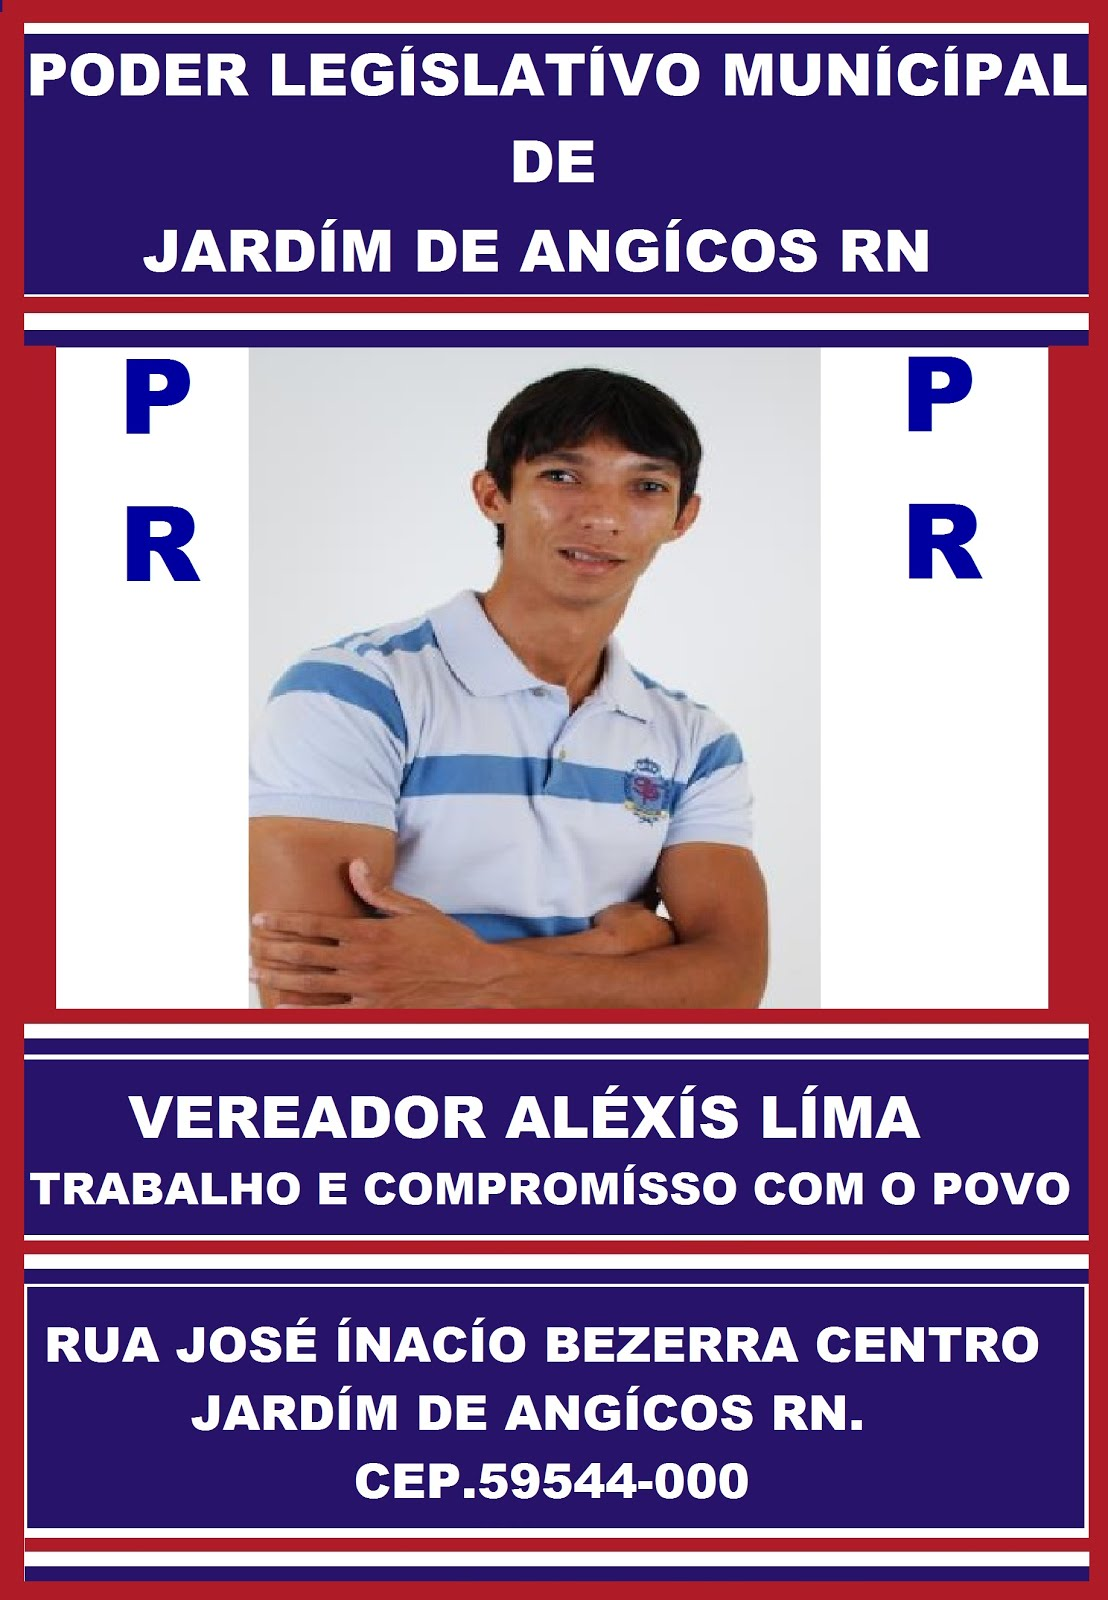 VEREADOR ALÉXIS LIMA JARDIM DE ANGICOS.